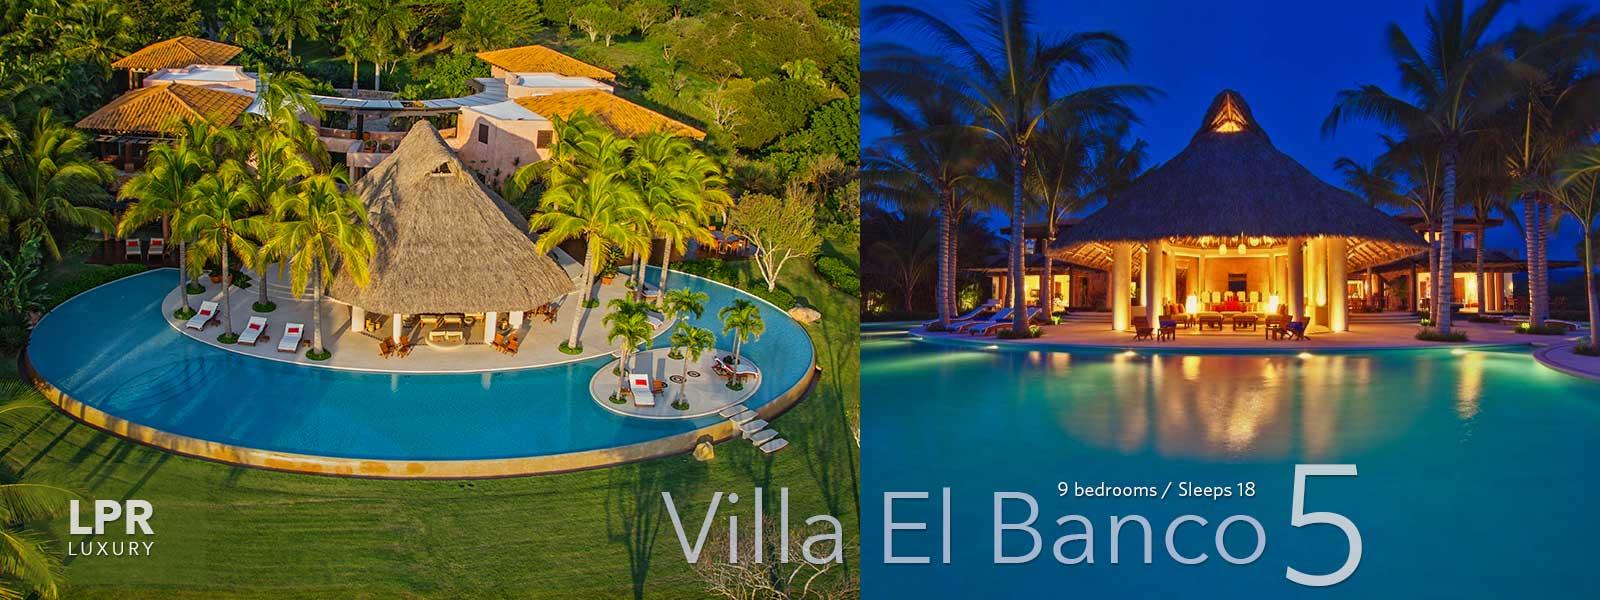 Villa El Banco 5 - Luxury Punta de Mita Vacation Rental Villa